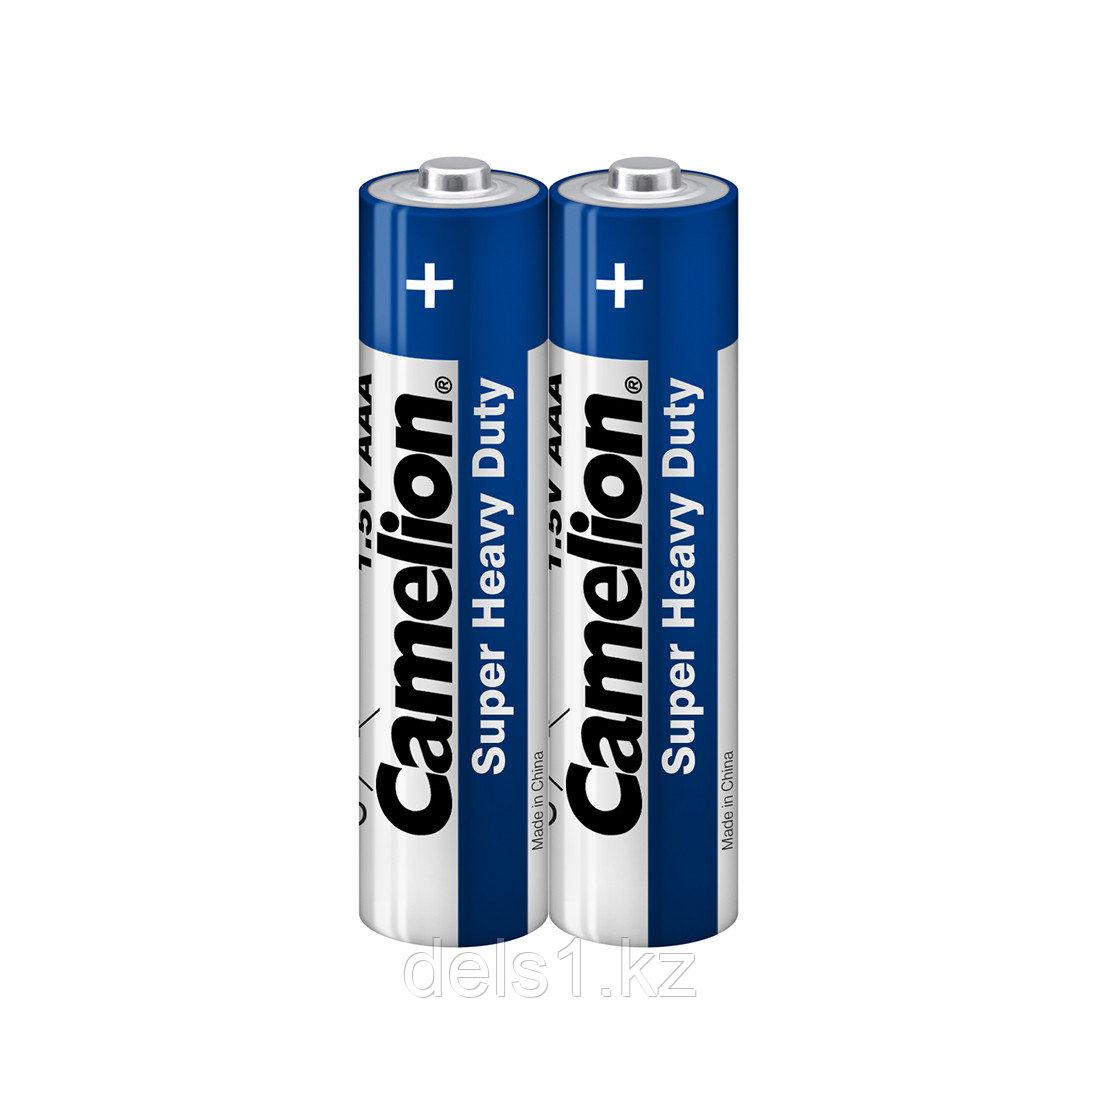 Батарейка, CAMELION, R03P-SP2B, Super Heavy Duty, AAA, 1.5V, 550 mAh, 2 шт. в плёнка